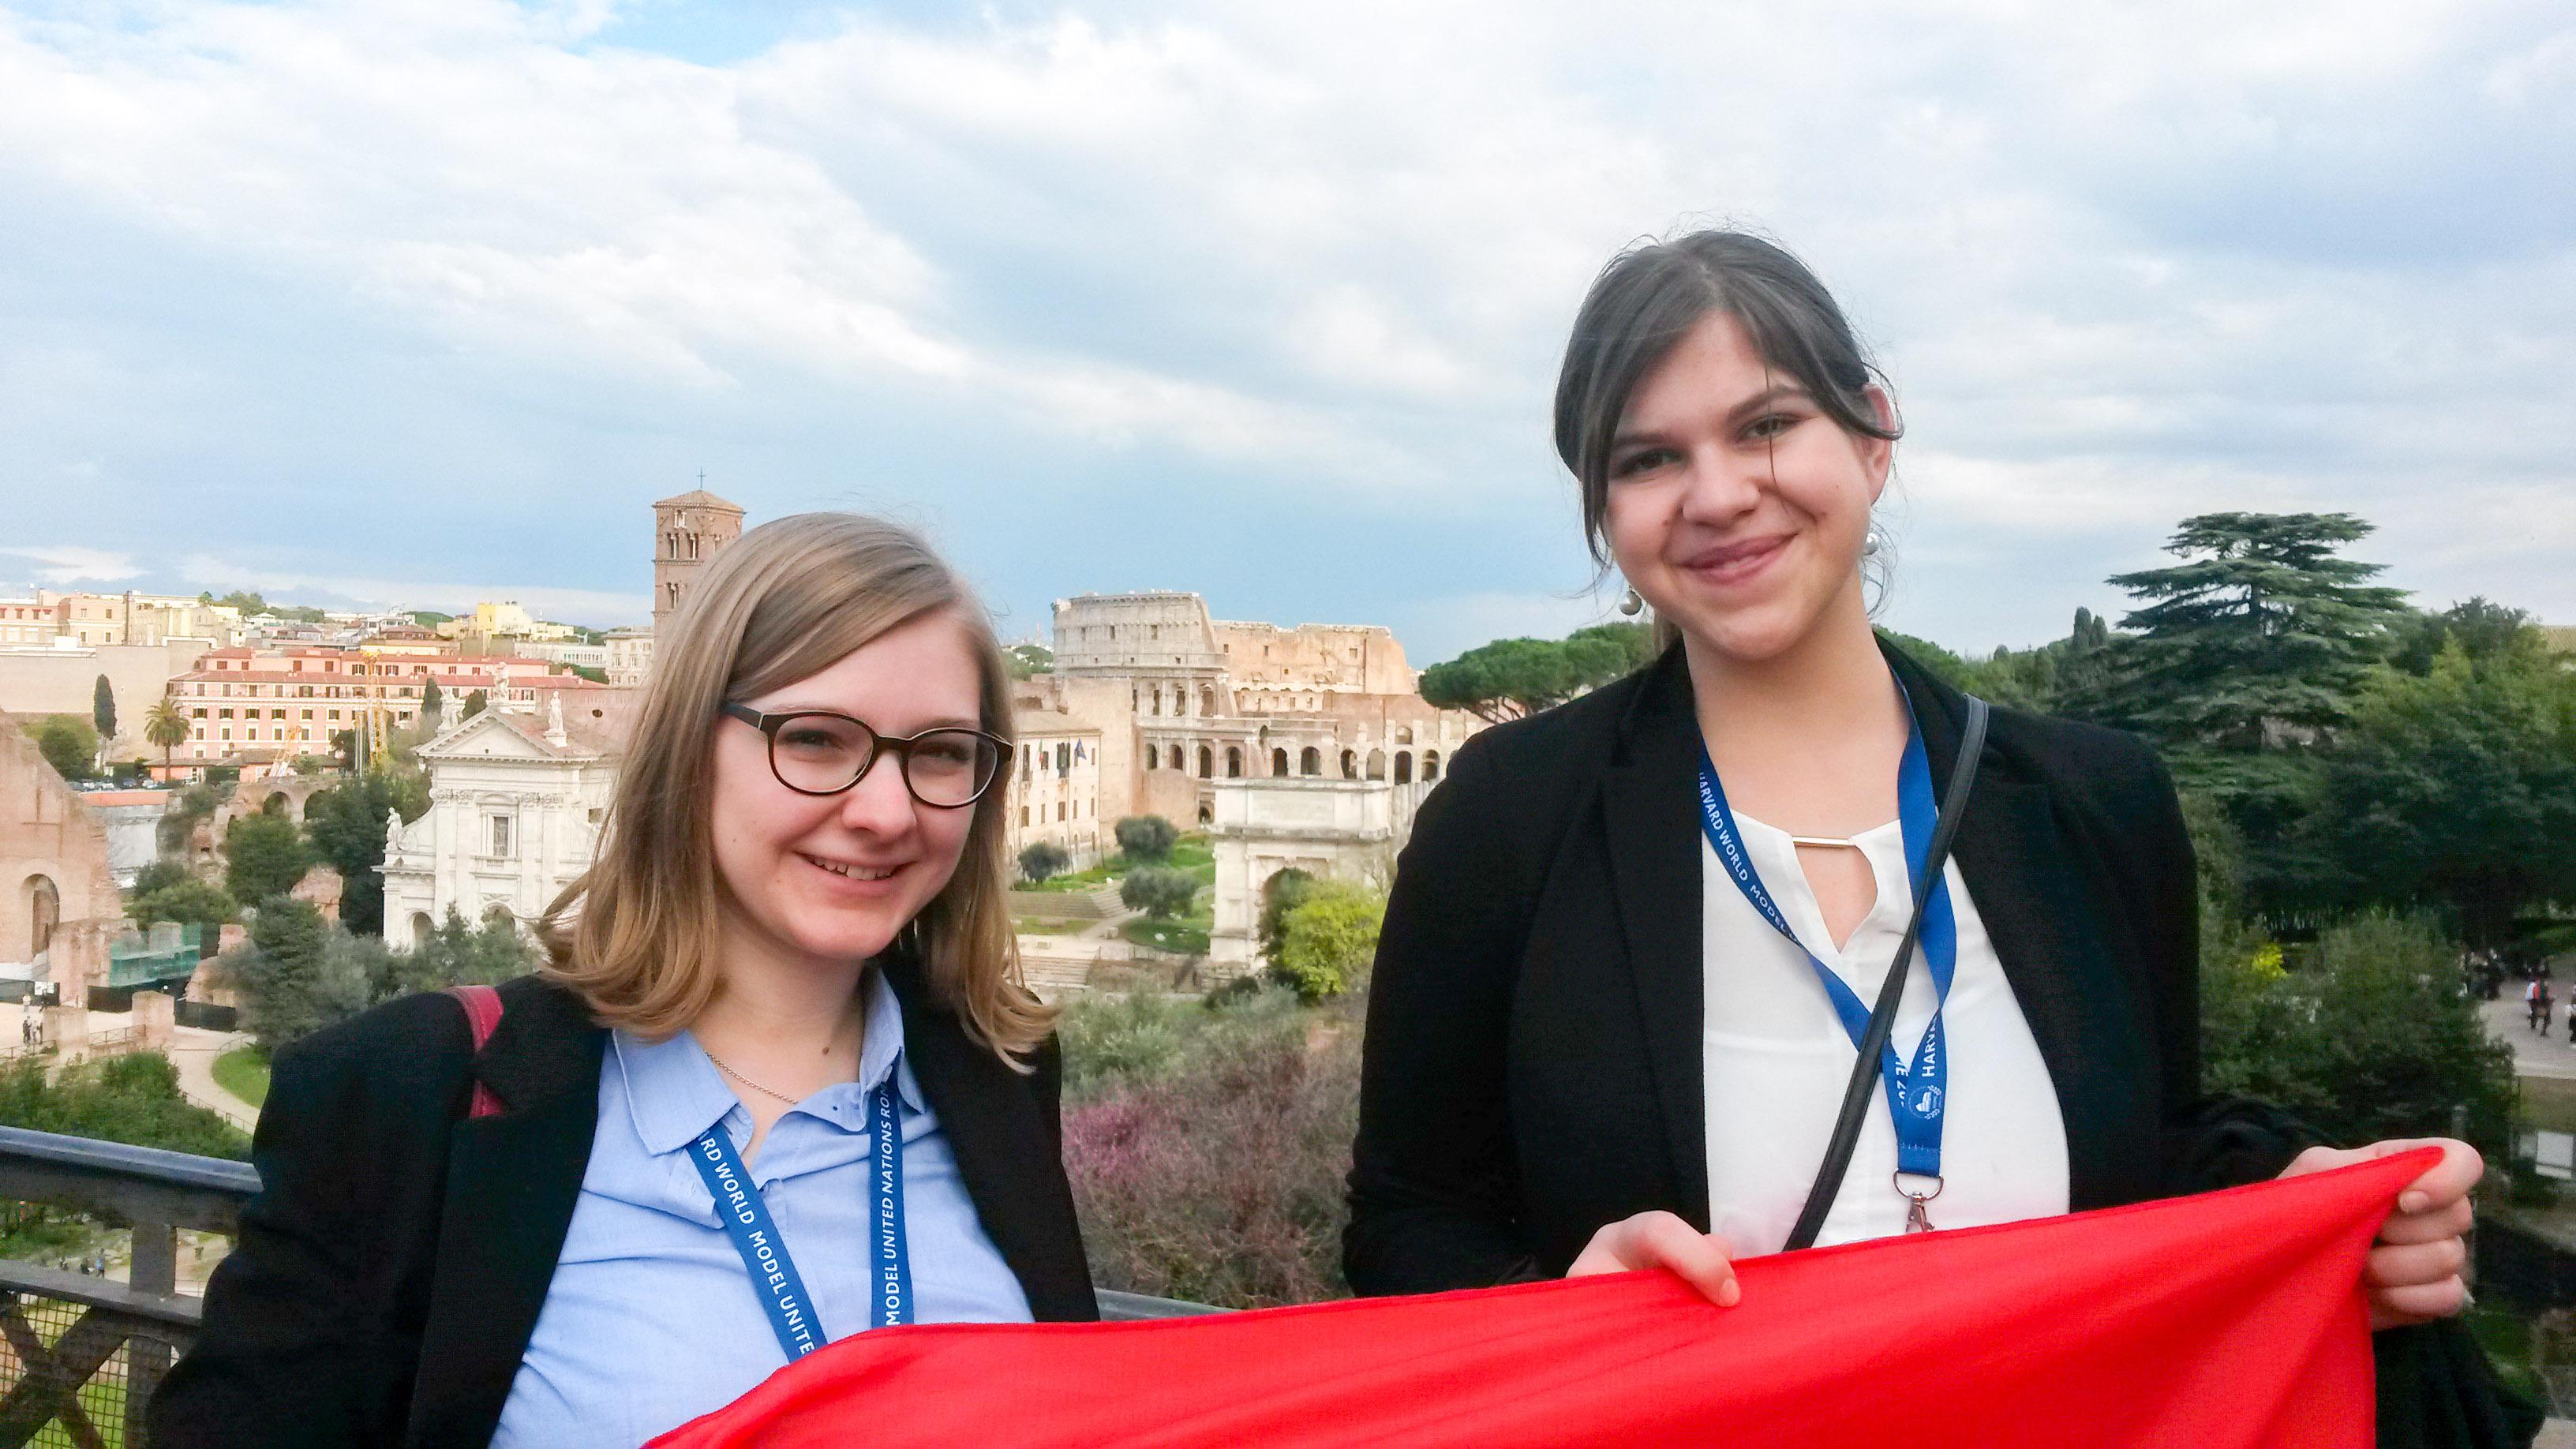 Annina Reusser und Tanja Mitric in Rom. – Bild: zvg/anr